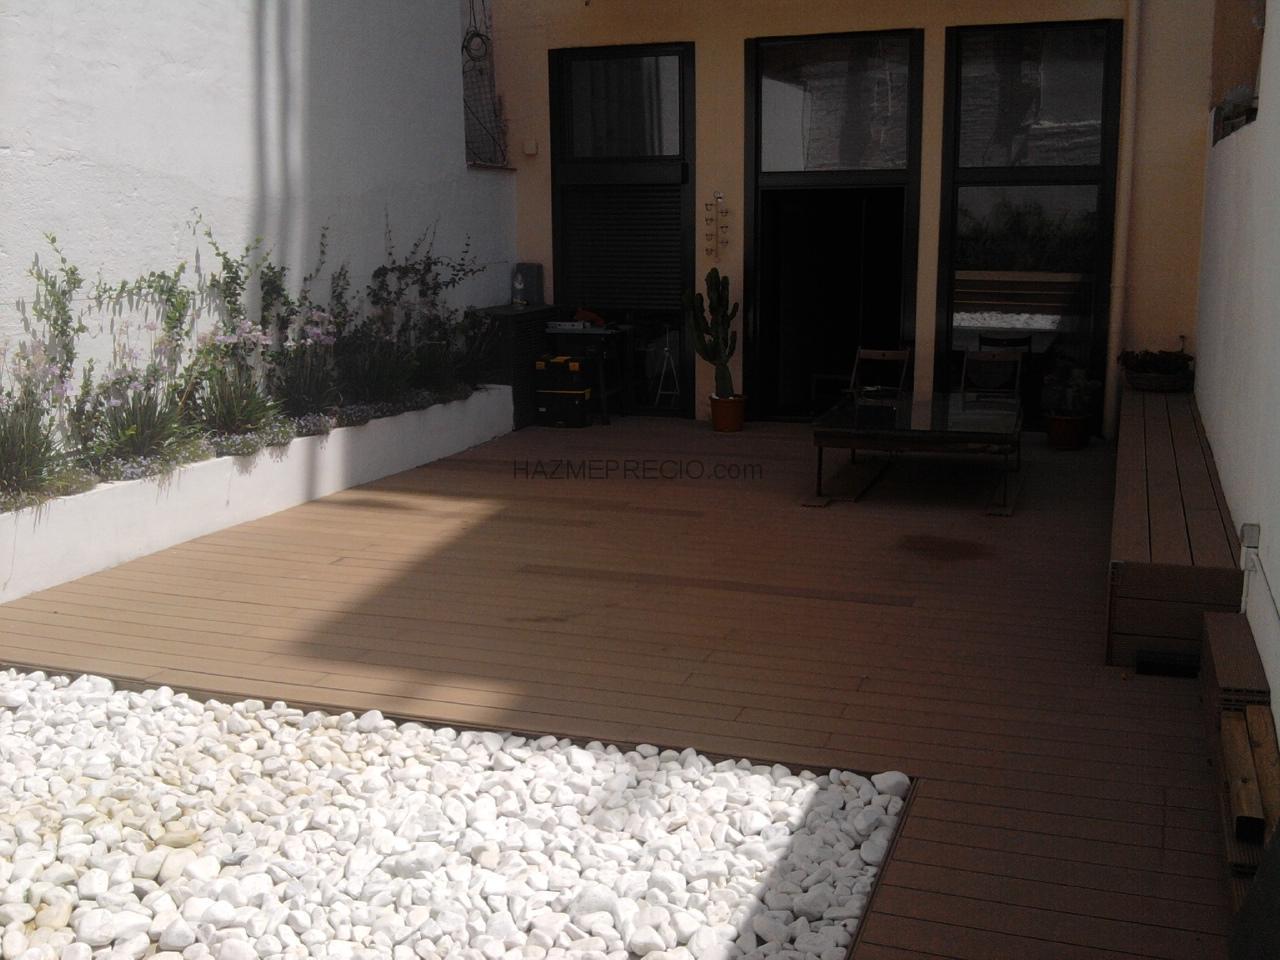 Servicios de jardiner - Patios exteriores ...